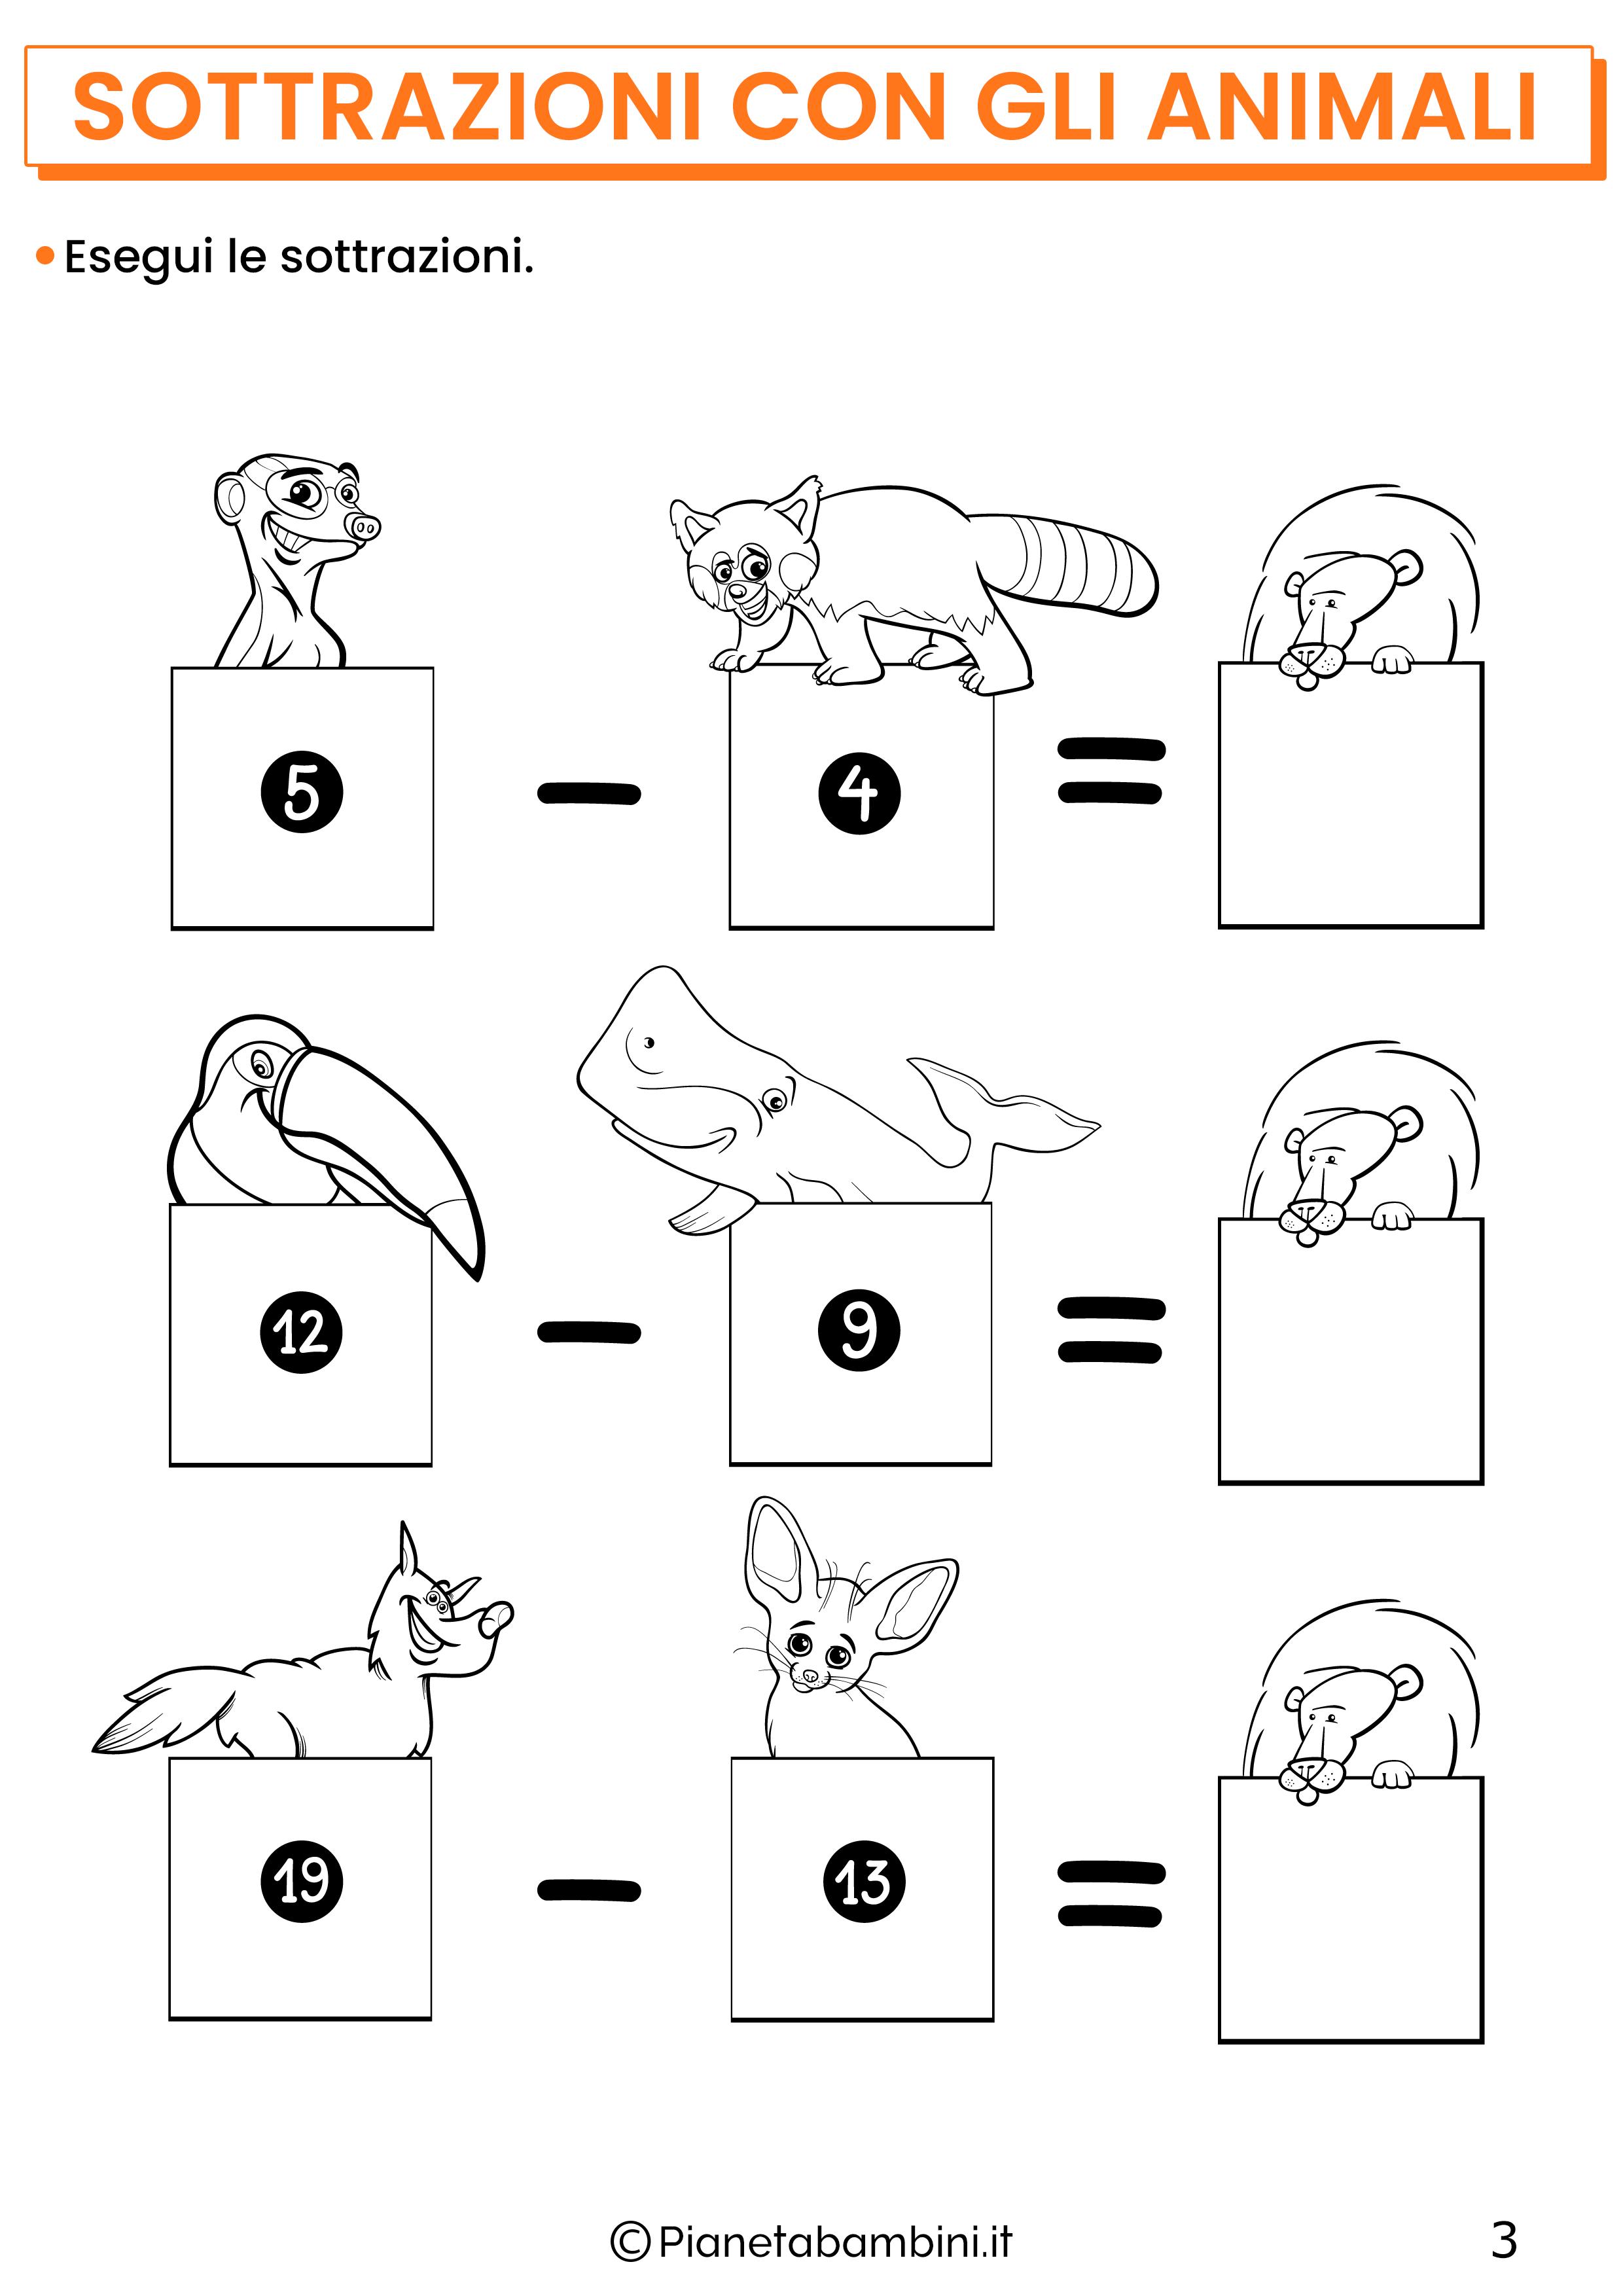 Sottrazioni con gli animali per la classe prima pagina 3